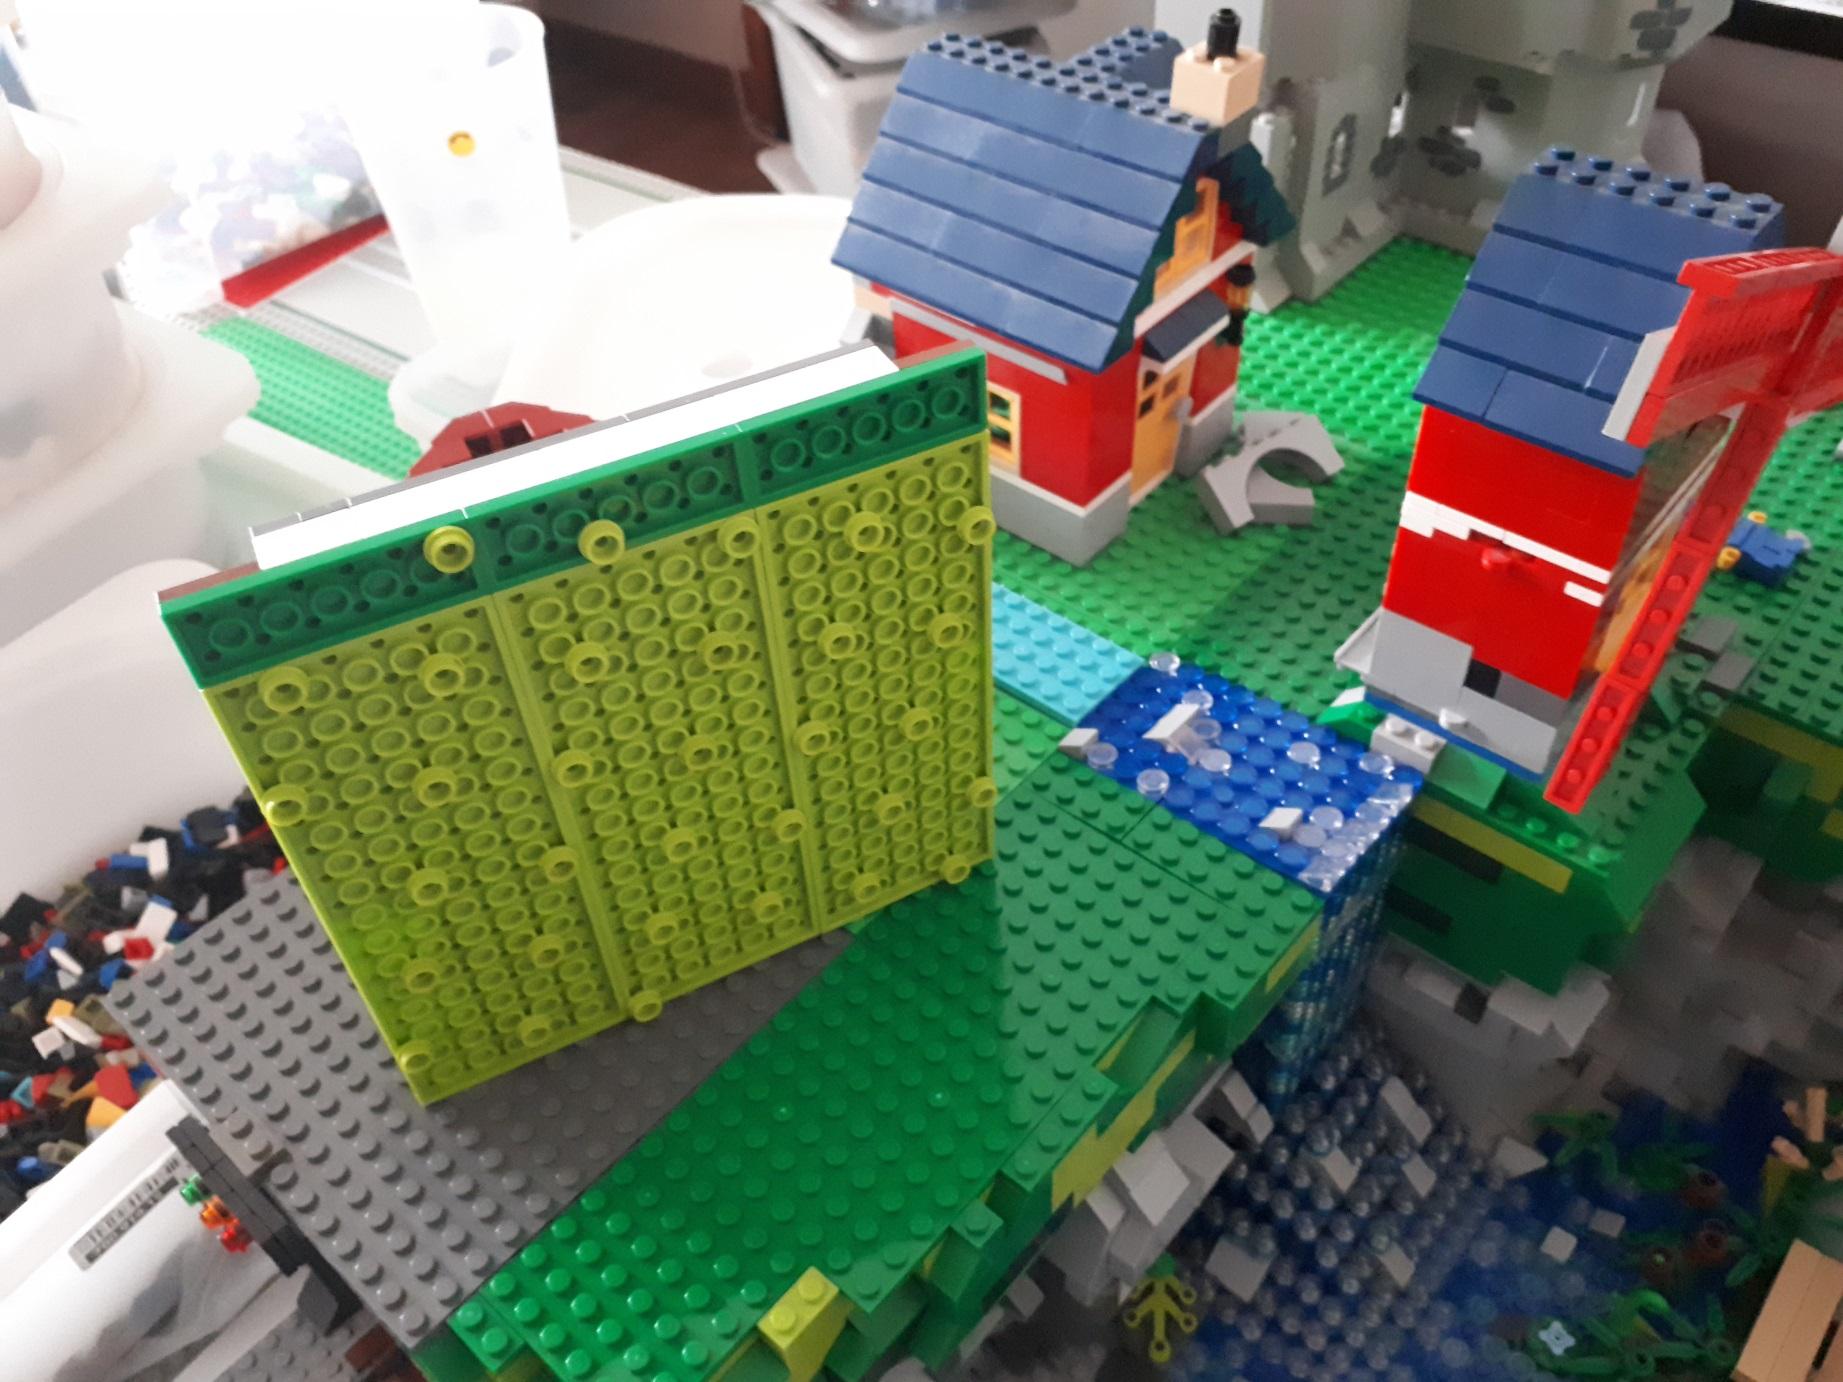 Super LegoV2Où Toujours Génial Est Loisirs Des Le Tout Topic byIYfv6m7g